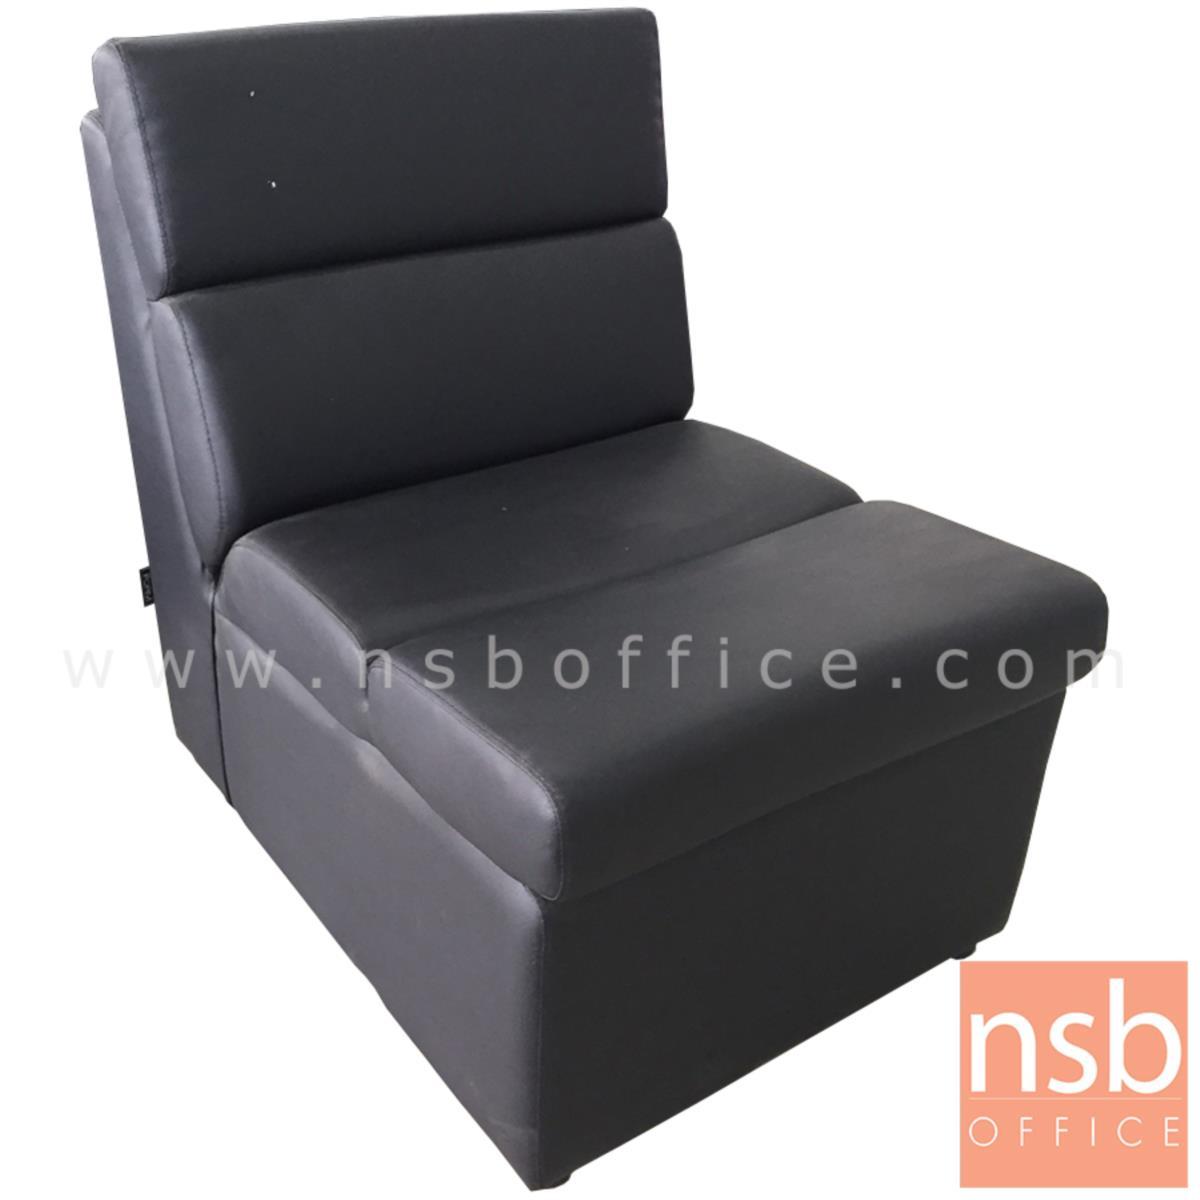 โซฟาหนังเทียม 1 ที่นั่ง  ขนาด 56W*80H cm. สีน้ำตาล (stock 4 ตัว)